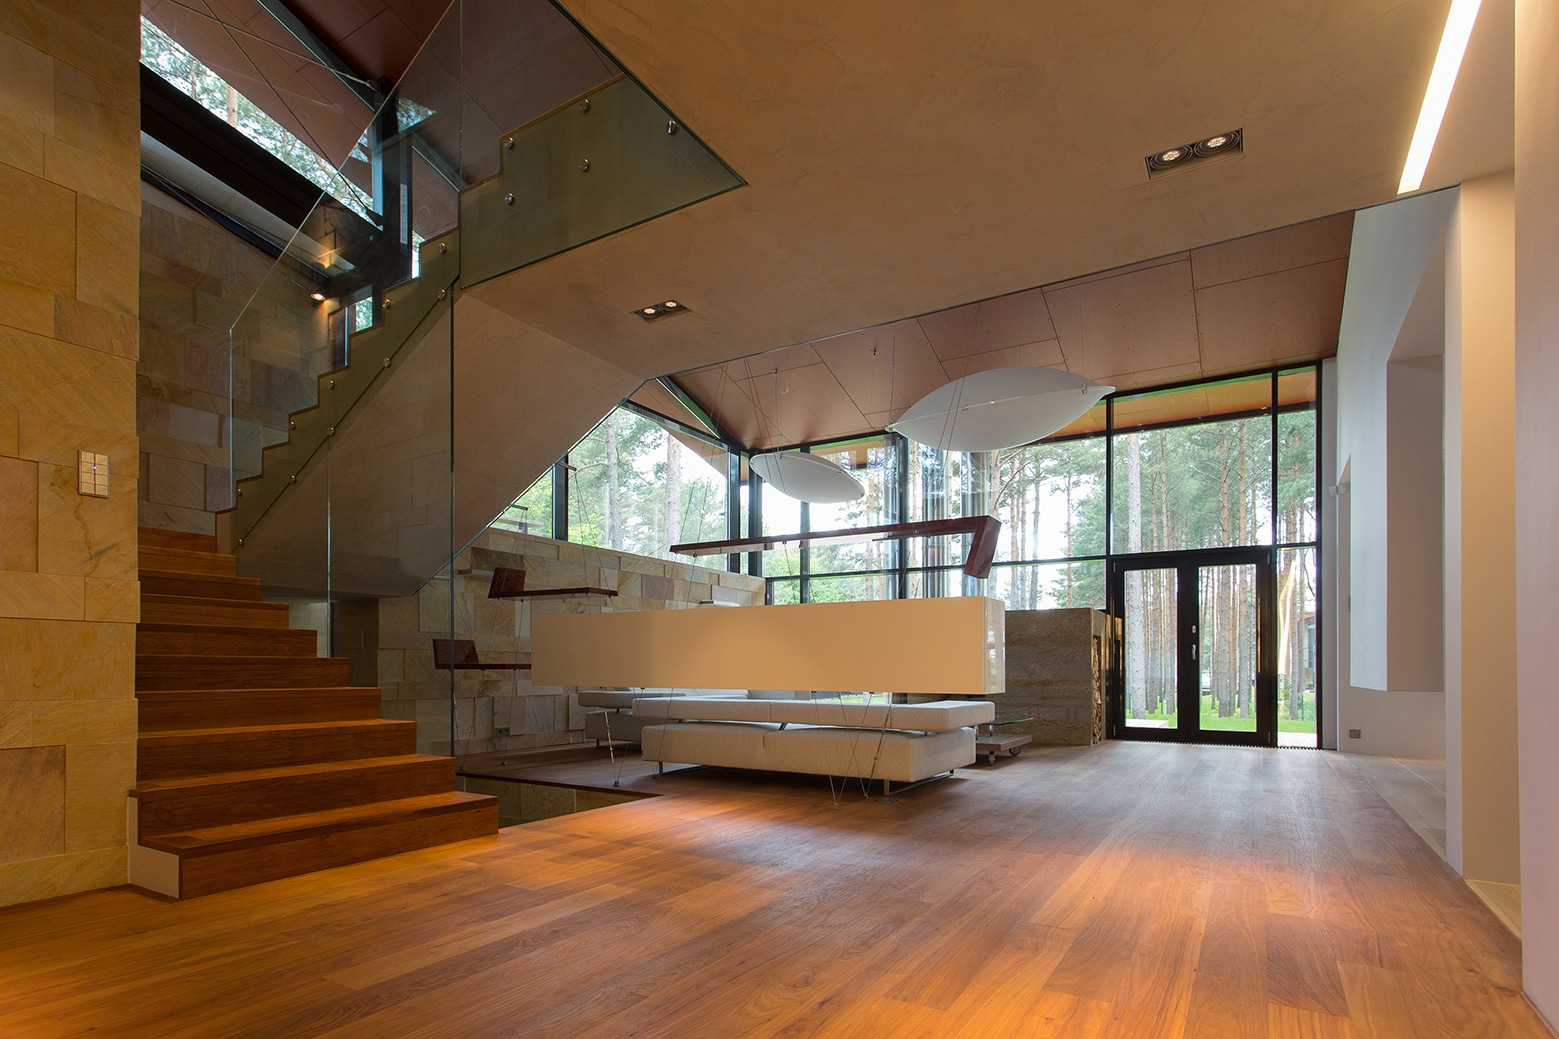 Casa de campo con planos dise o de fachada e interiores for Imagen de interior de casas